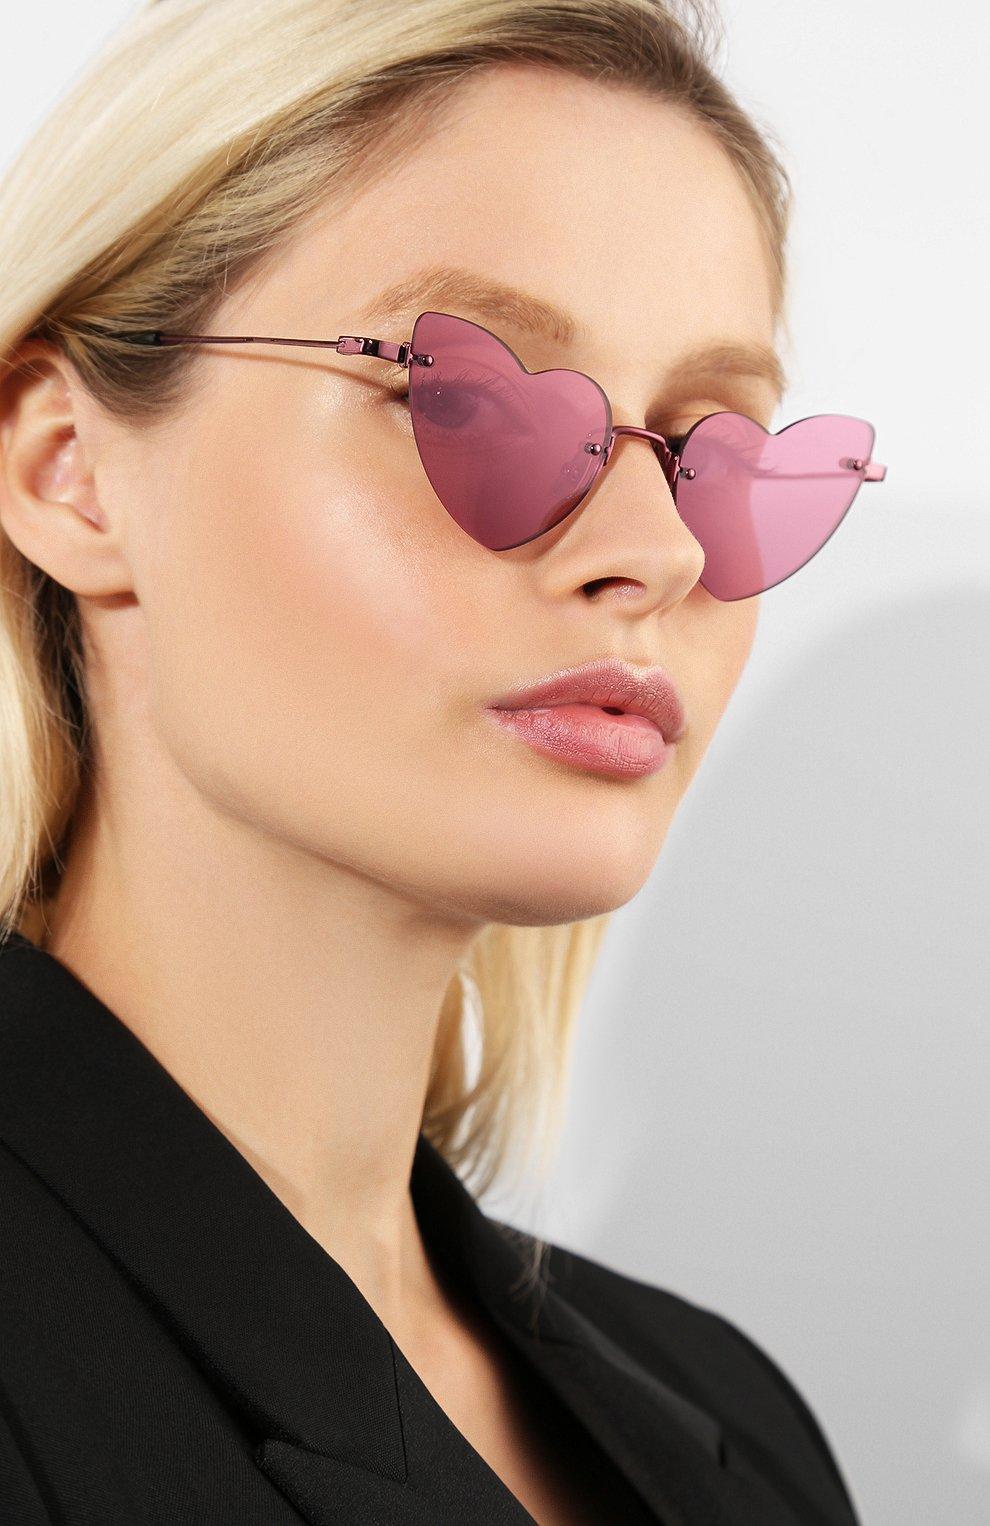 Женские солнцезащитные очки SAINT LAURENT фиолетового цвета, арт. SL 254 L0UL0U 004 | Фото 2